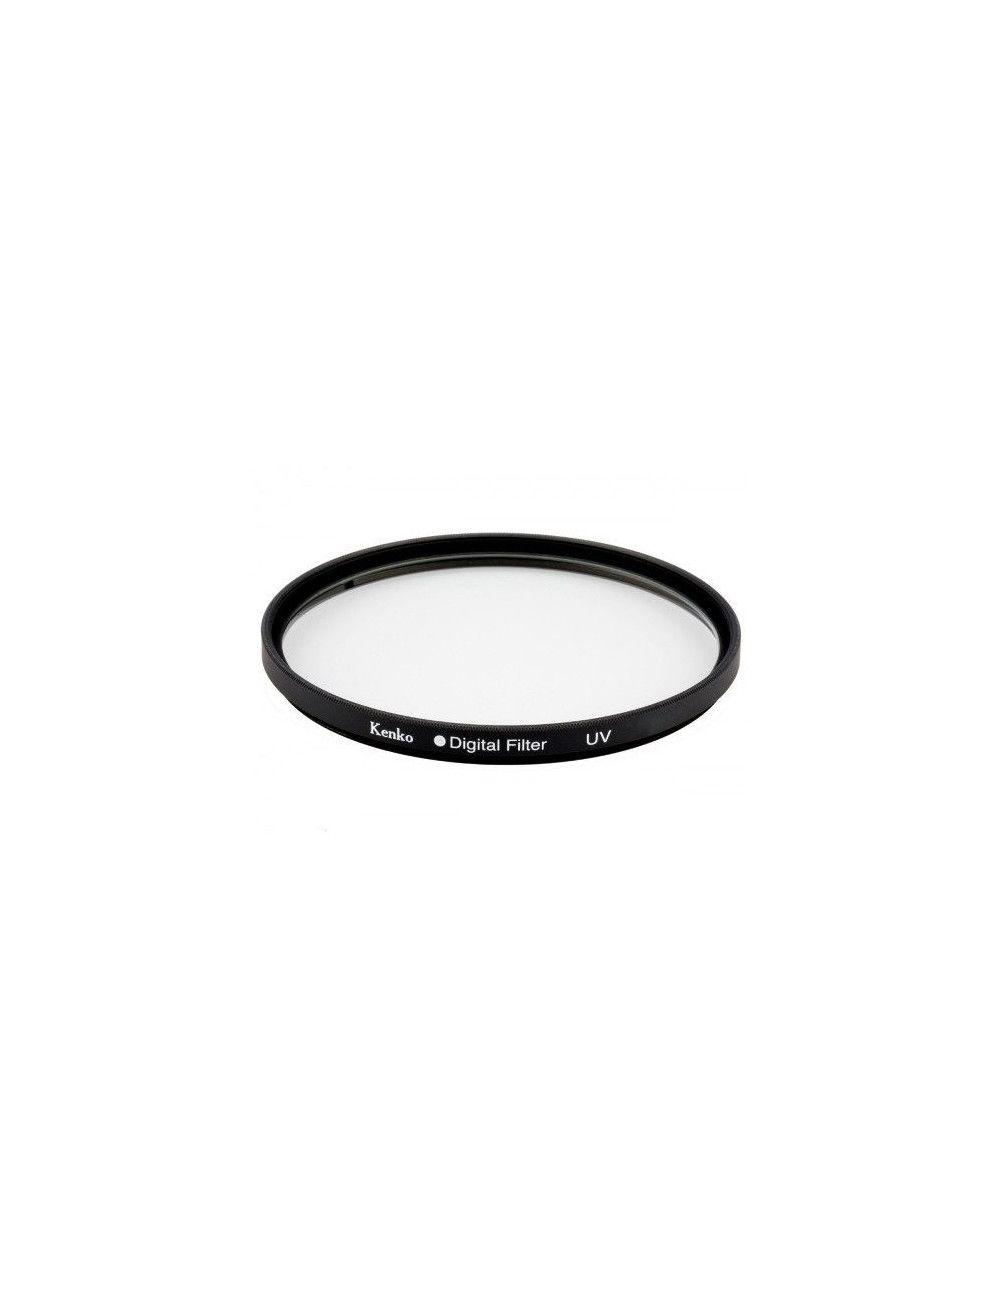 Cámara Canon 6D Mark II Kit con lente 24-105 IS STM - Full Frame / Estabilizador de imagen